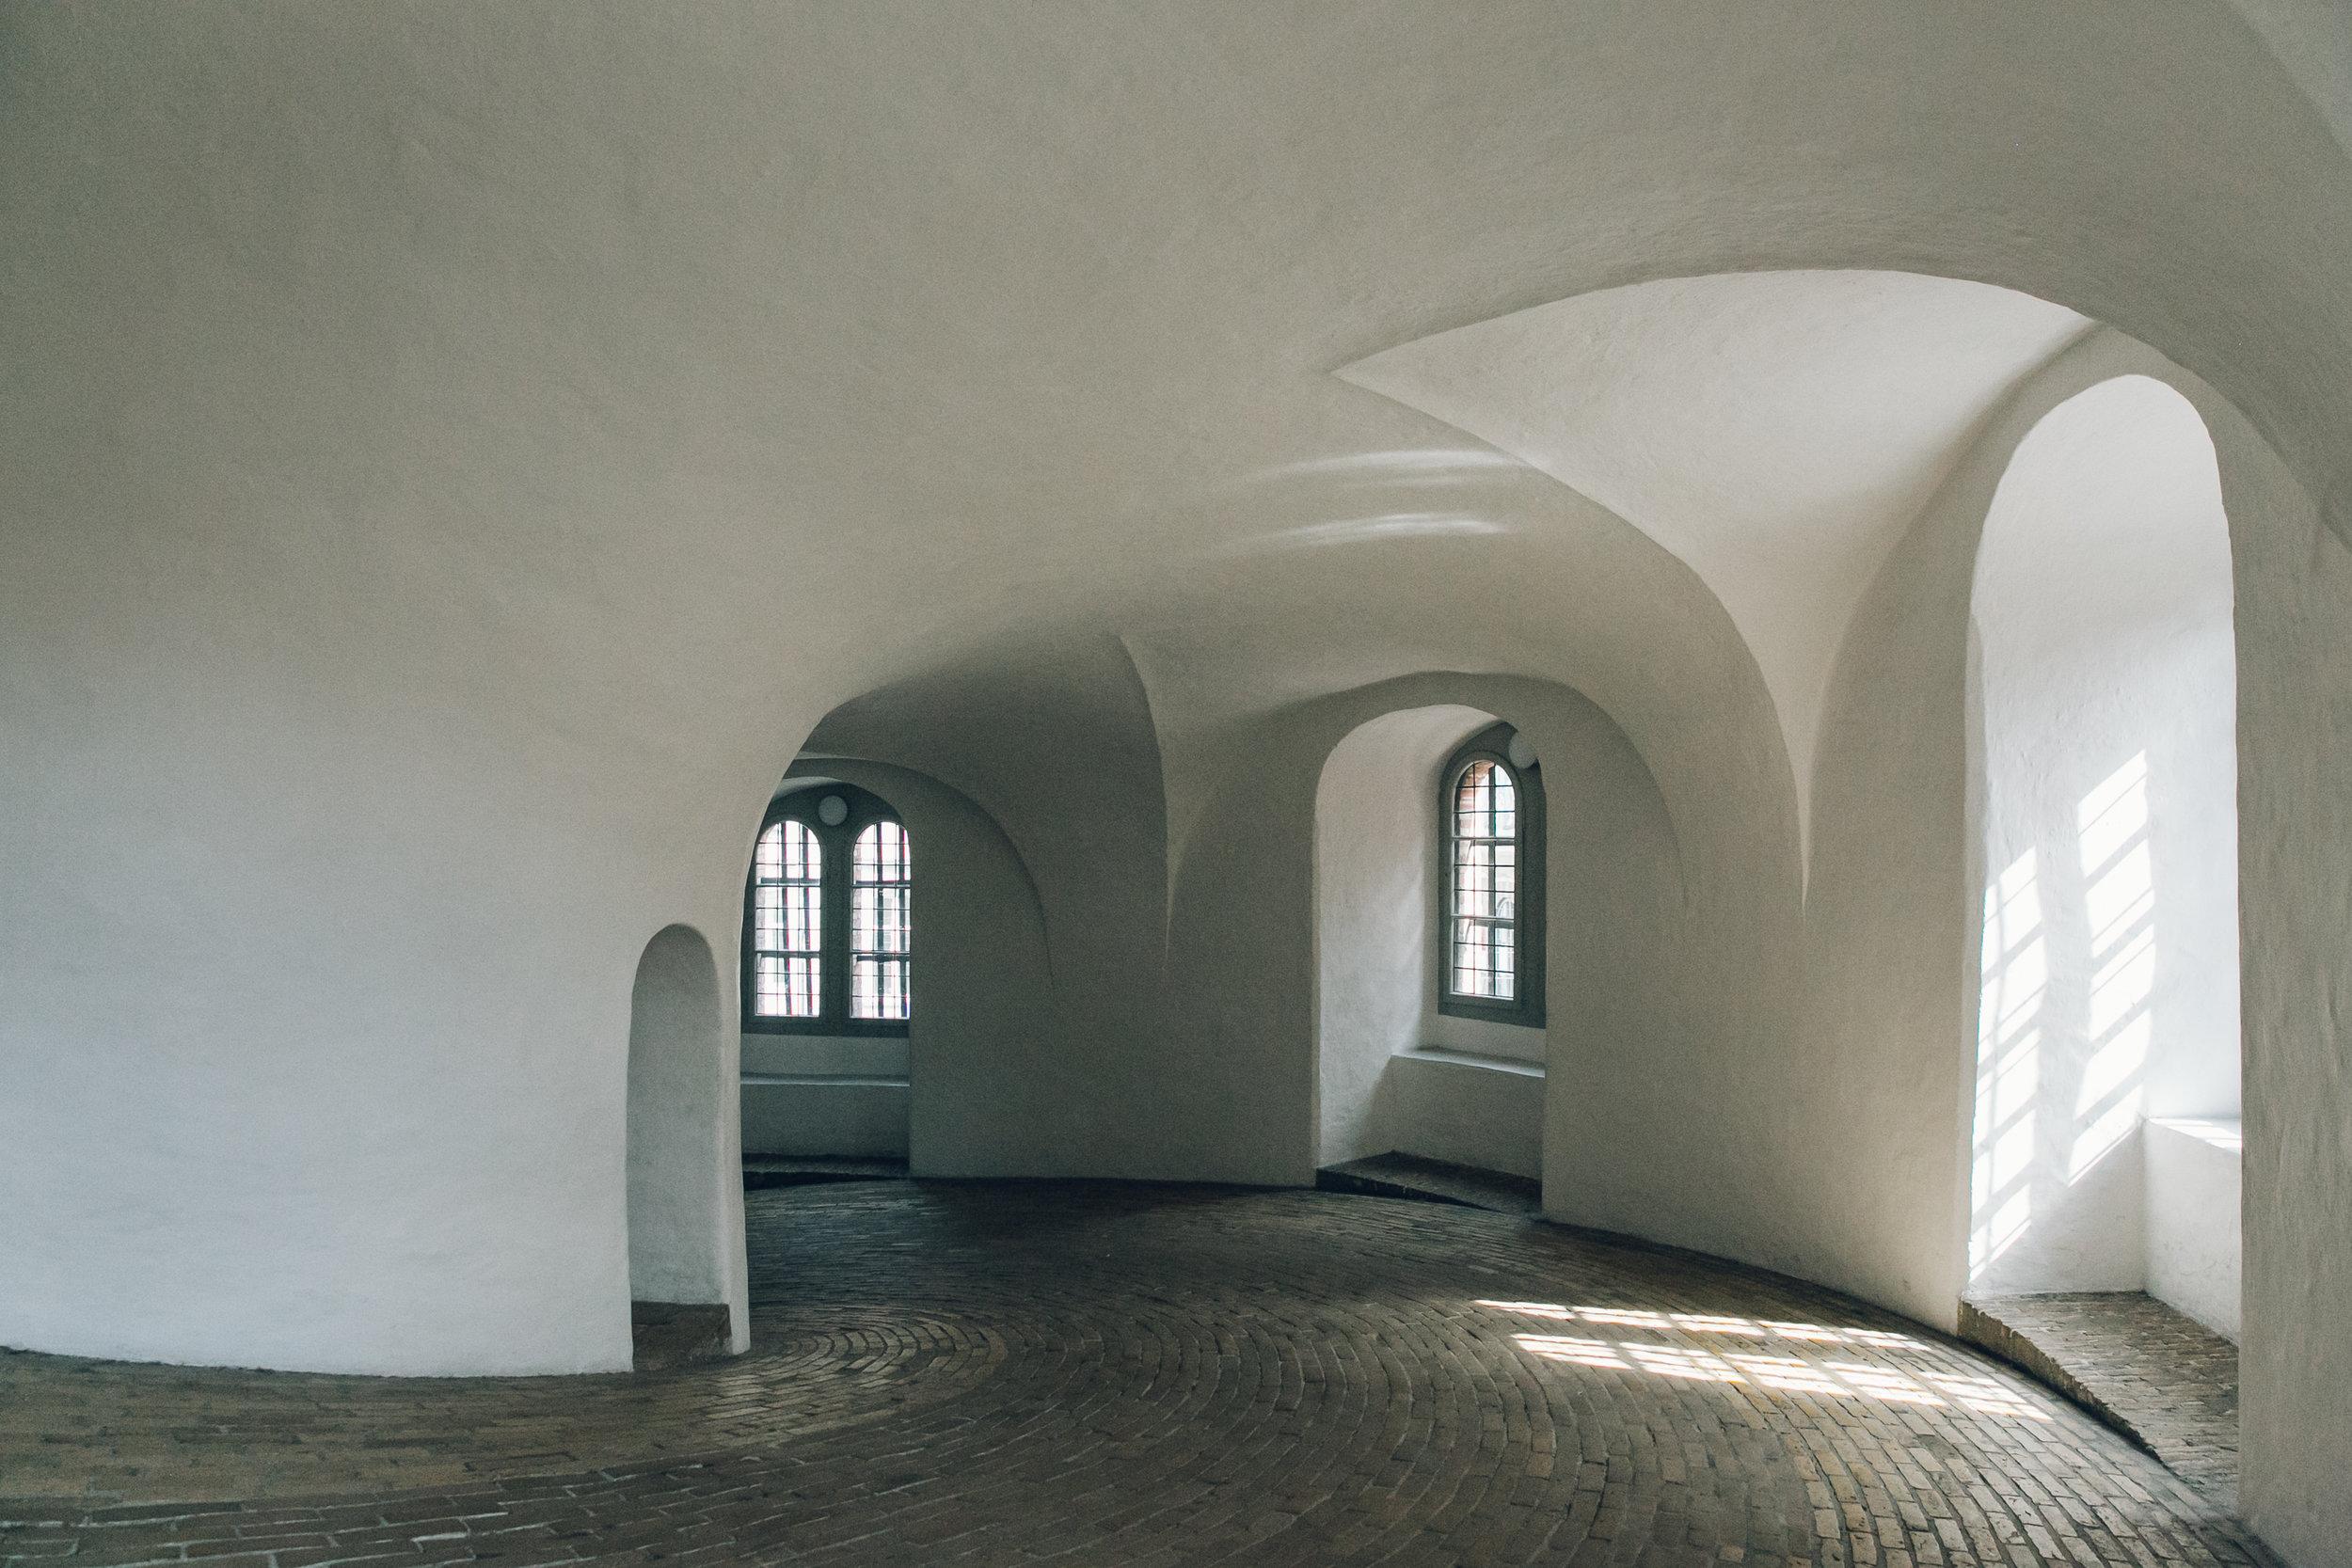 72 hours in Copenhagen - the Rundetarn.